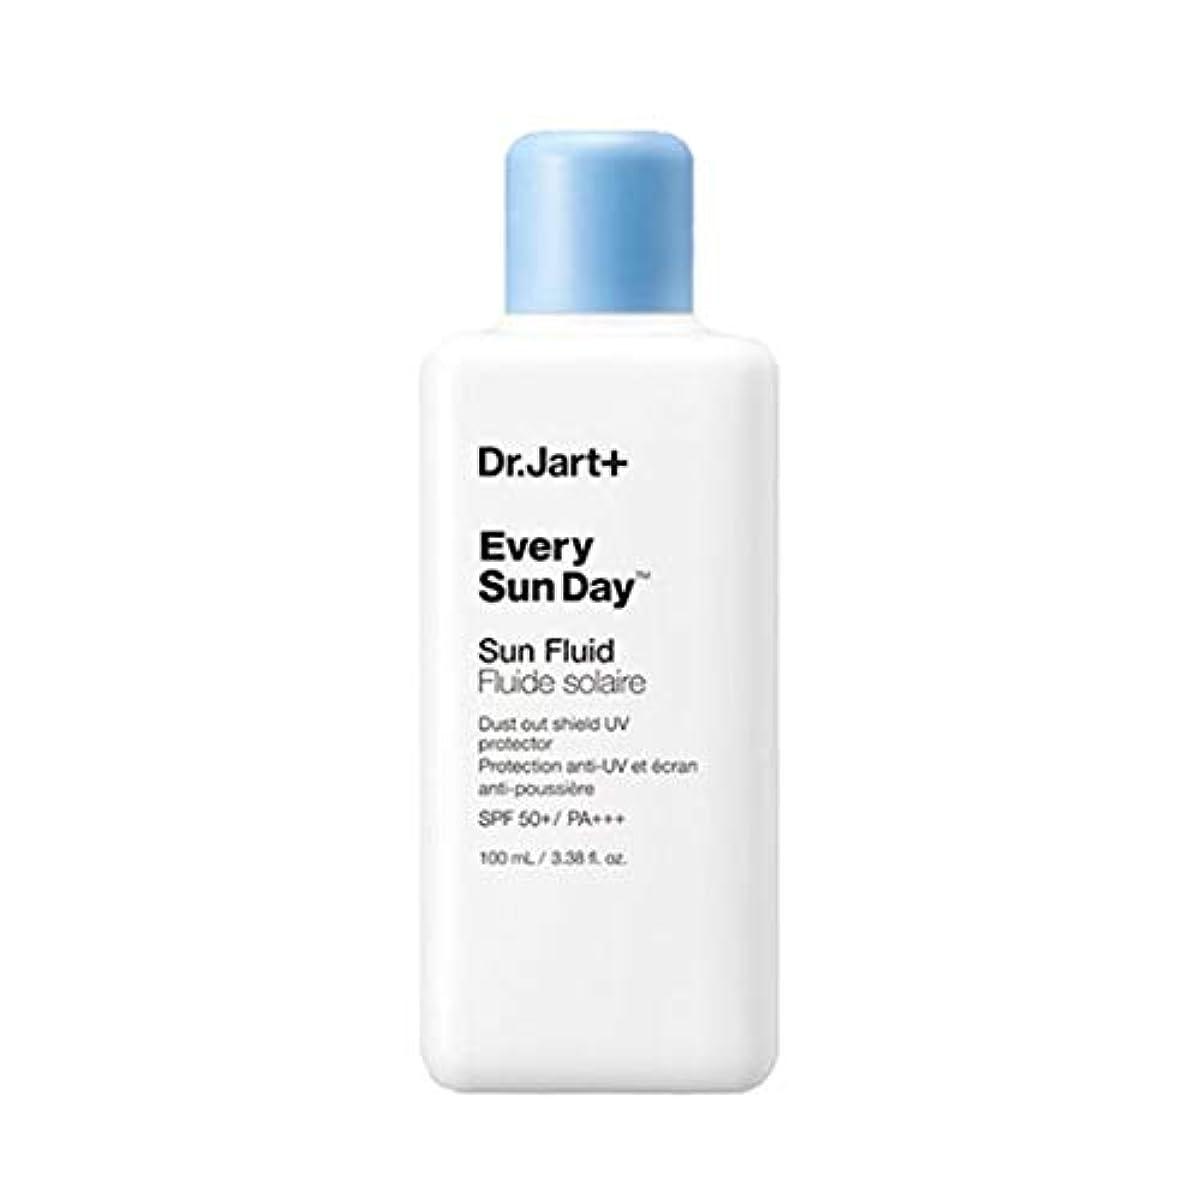 カーテン知る恵みドクタージャルトゥエヴリサンデーソンプルルイドゥSPF50+PA+++100mlソンクリム、Dr.Jart Every Sun Day Sun Fluid SPF50+ PA+++ 100ml Sun Cream [並行輸入品]